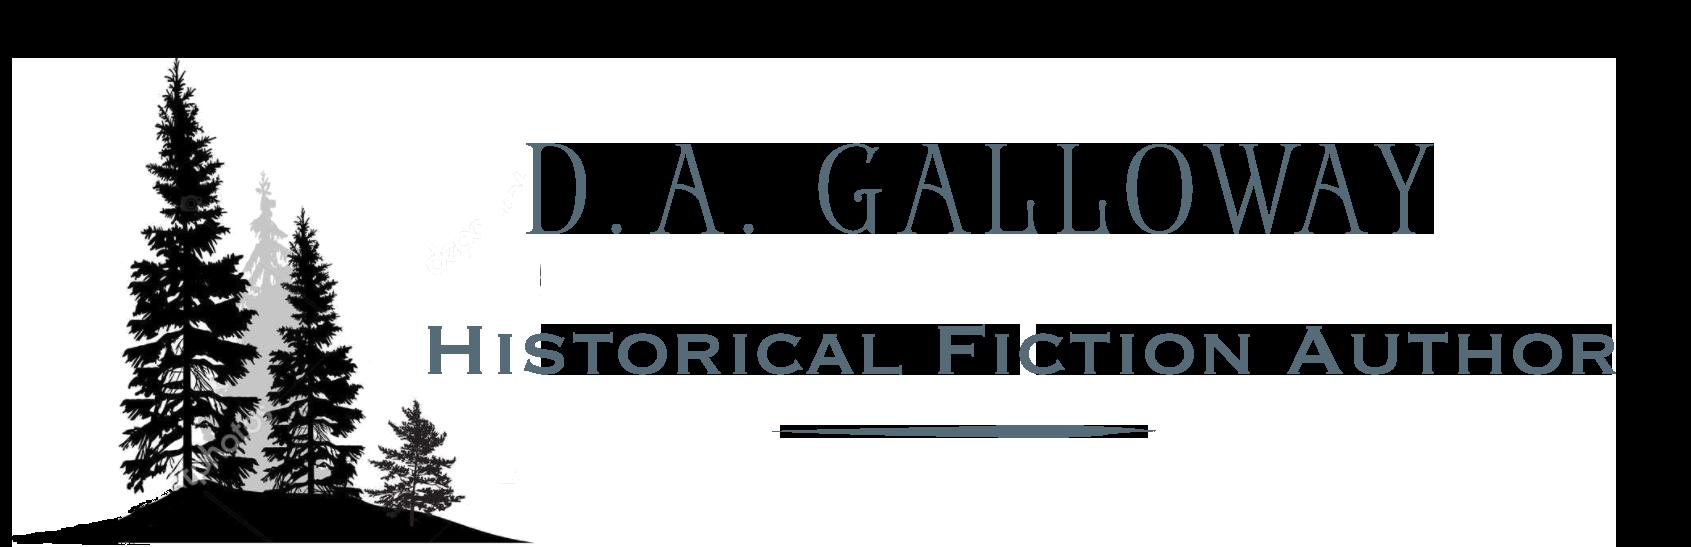 D.A. Galloway